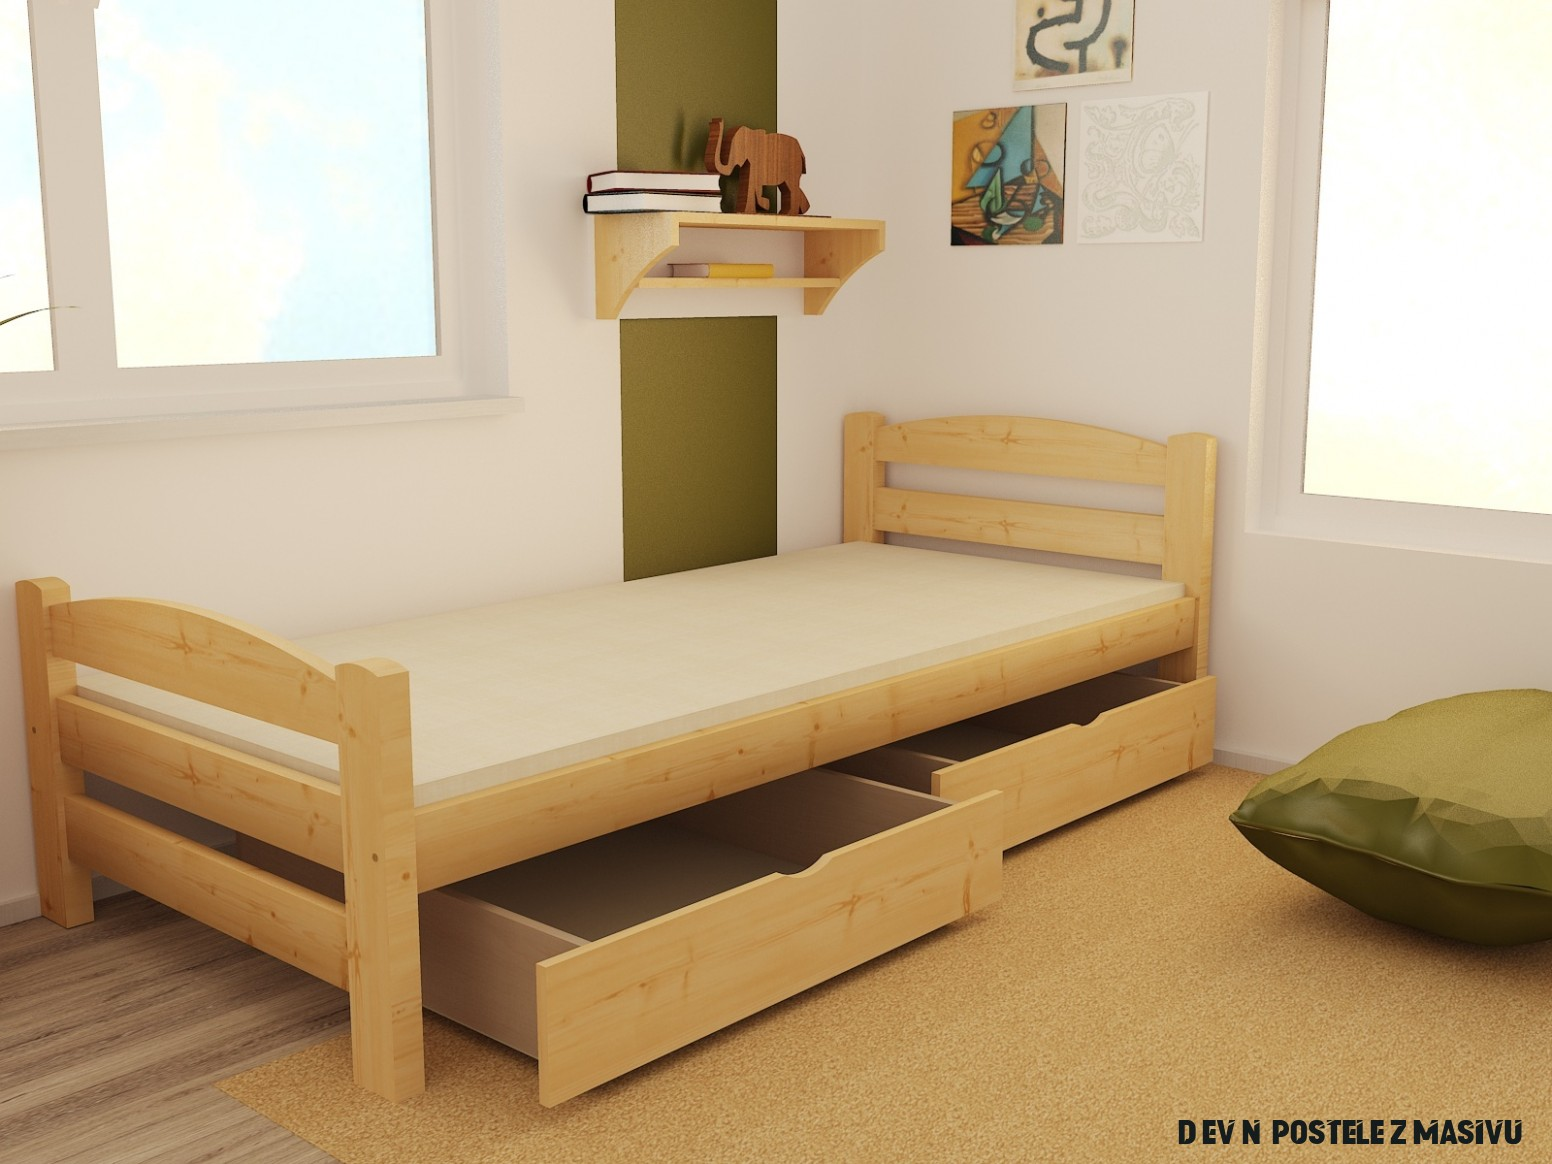 Nápady pro Dřevěné Postele Z Masivu